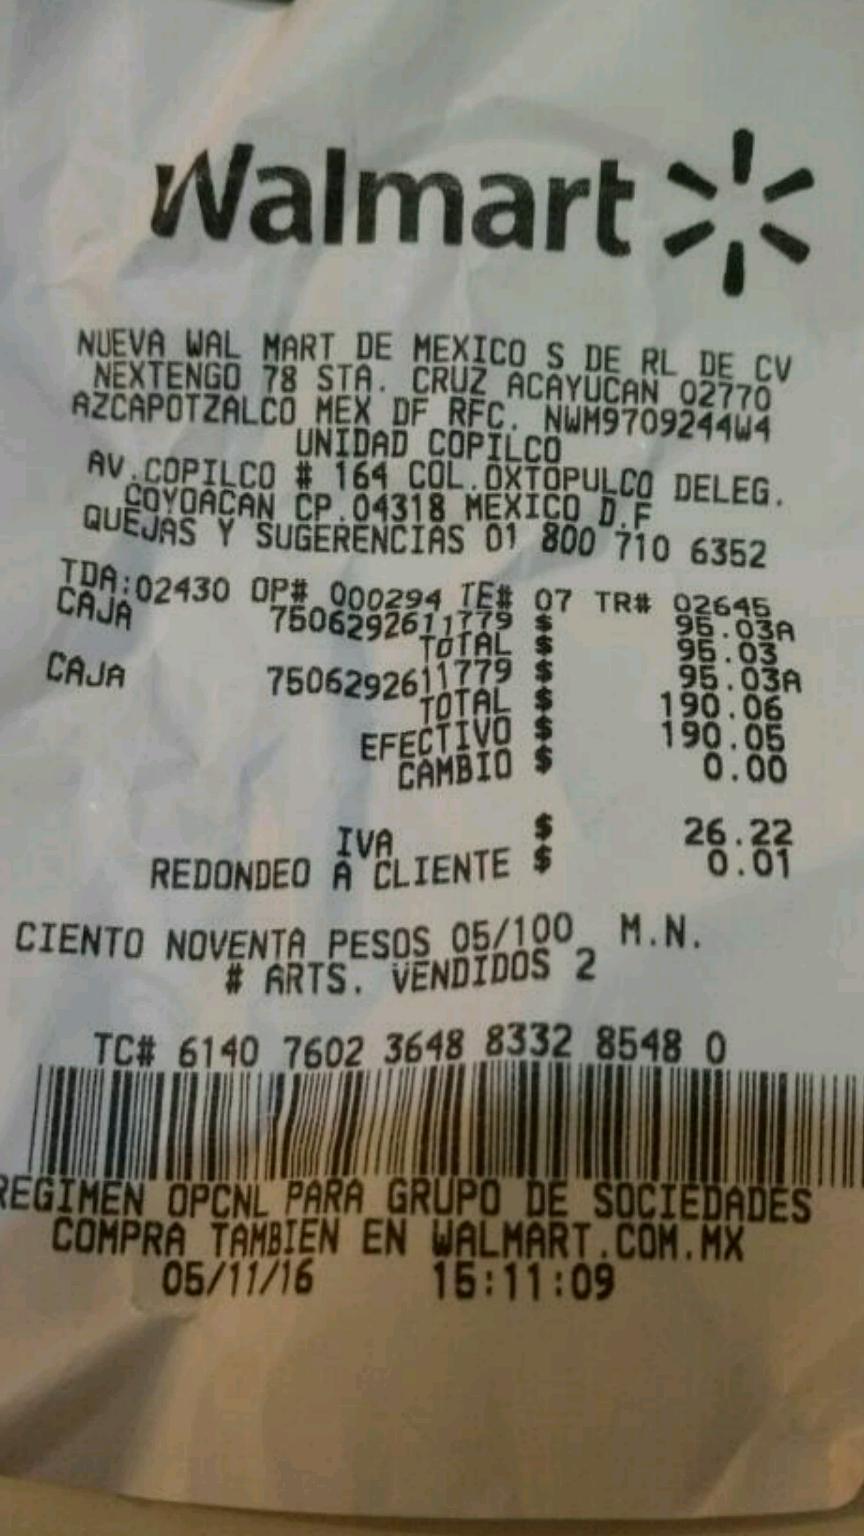 Walmart Copilco: cajas de plástico a $95.03